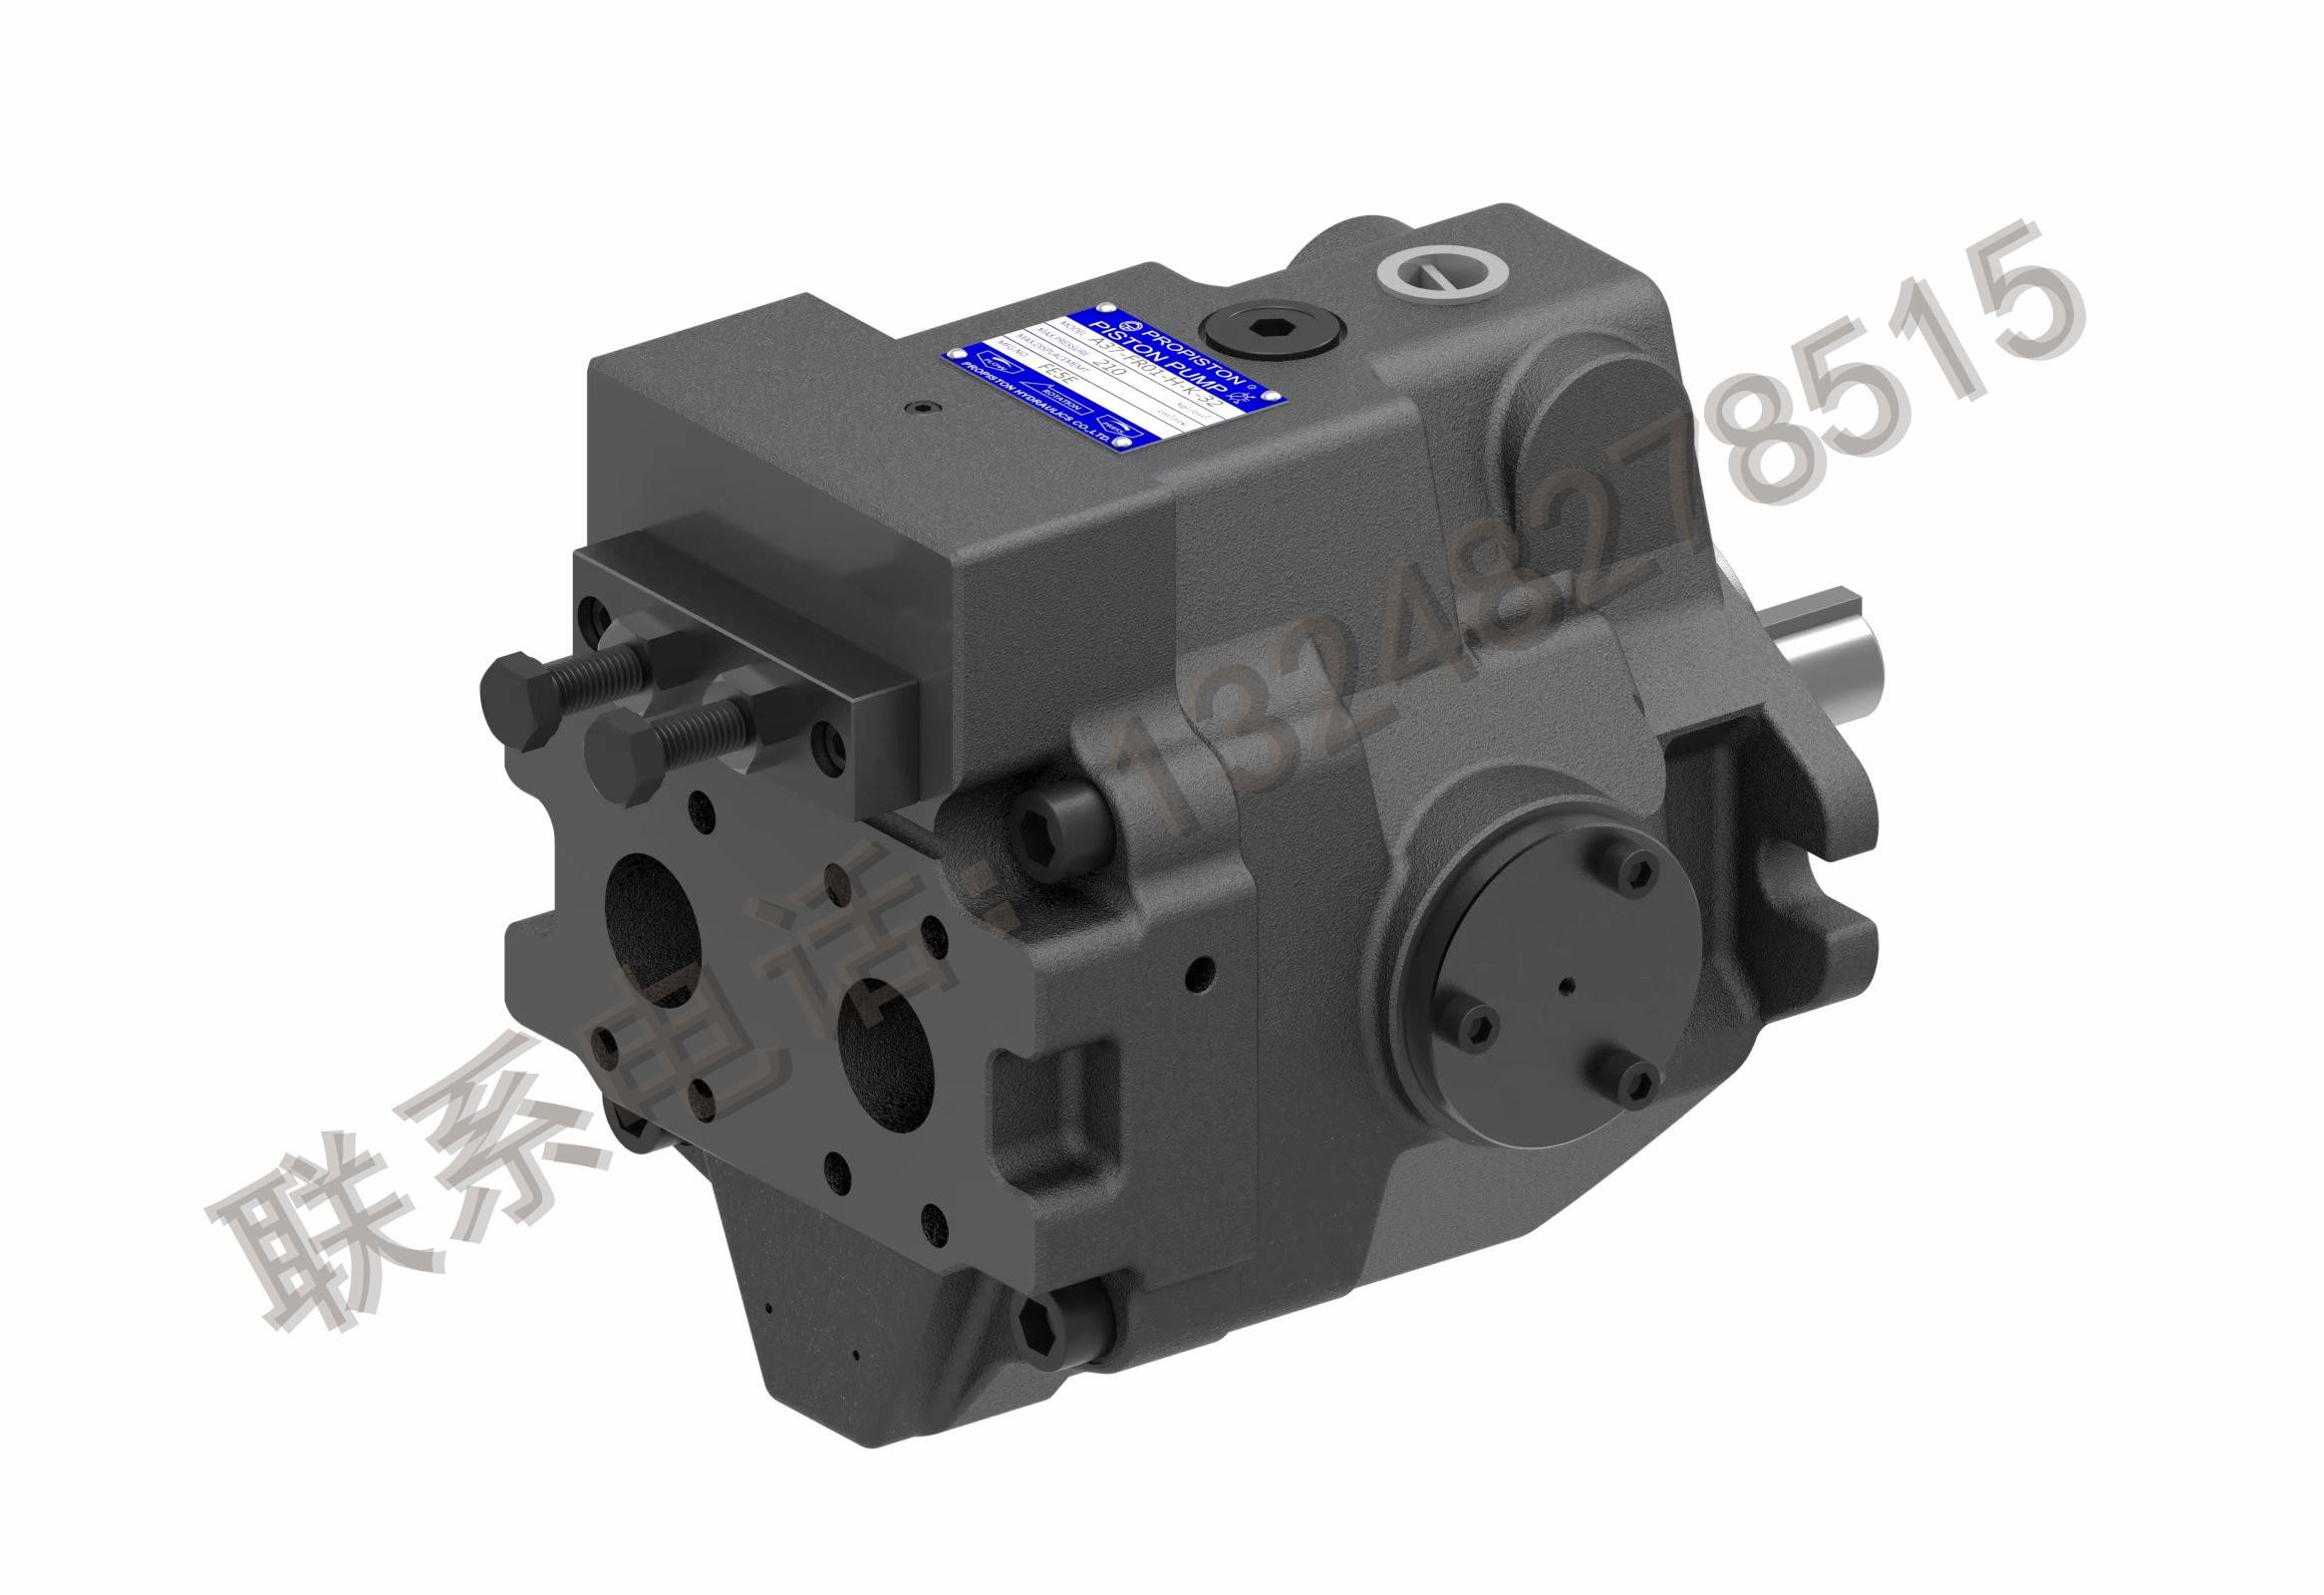 台湾油昇旭鸿大正系列变量柱塞泵A37-FR01-C-S-K/A10-FR01-CK批发